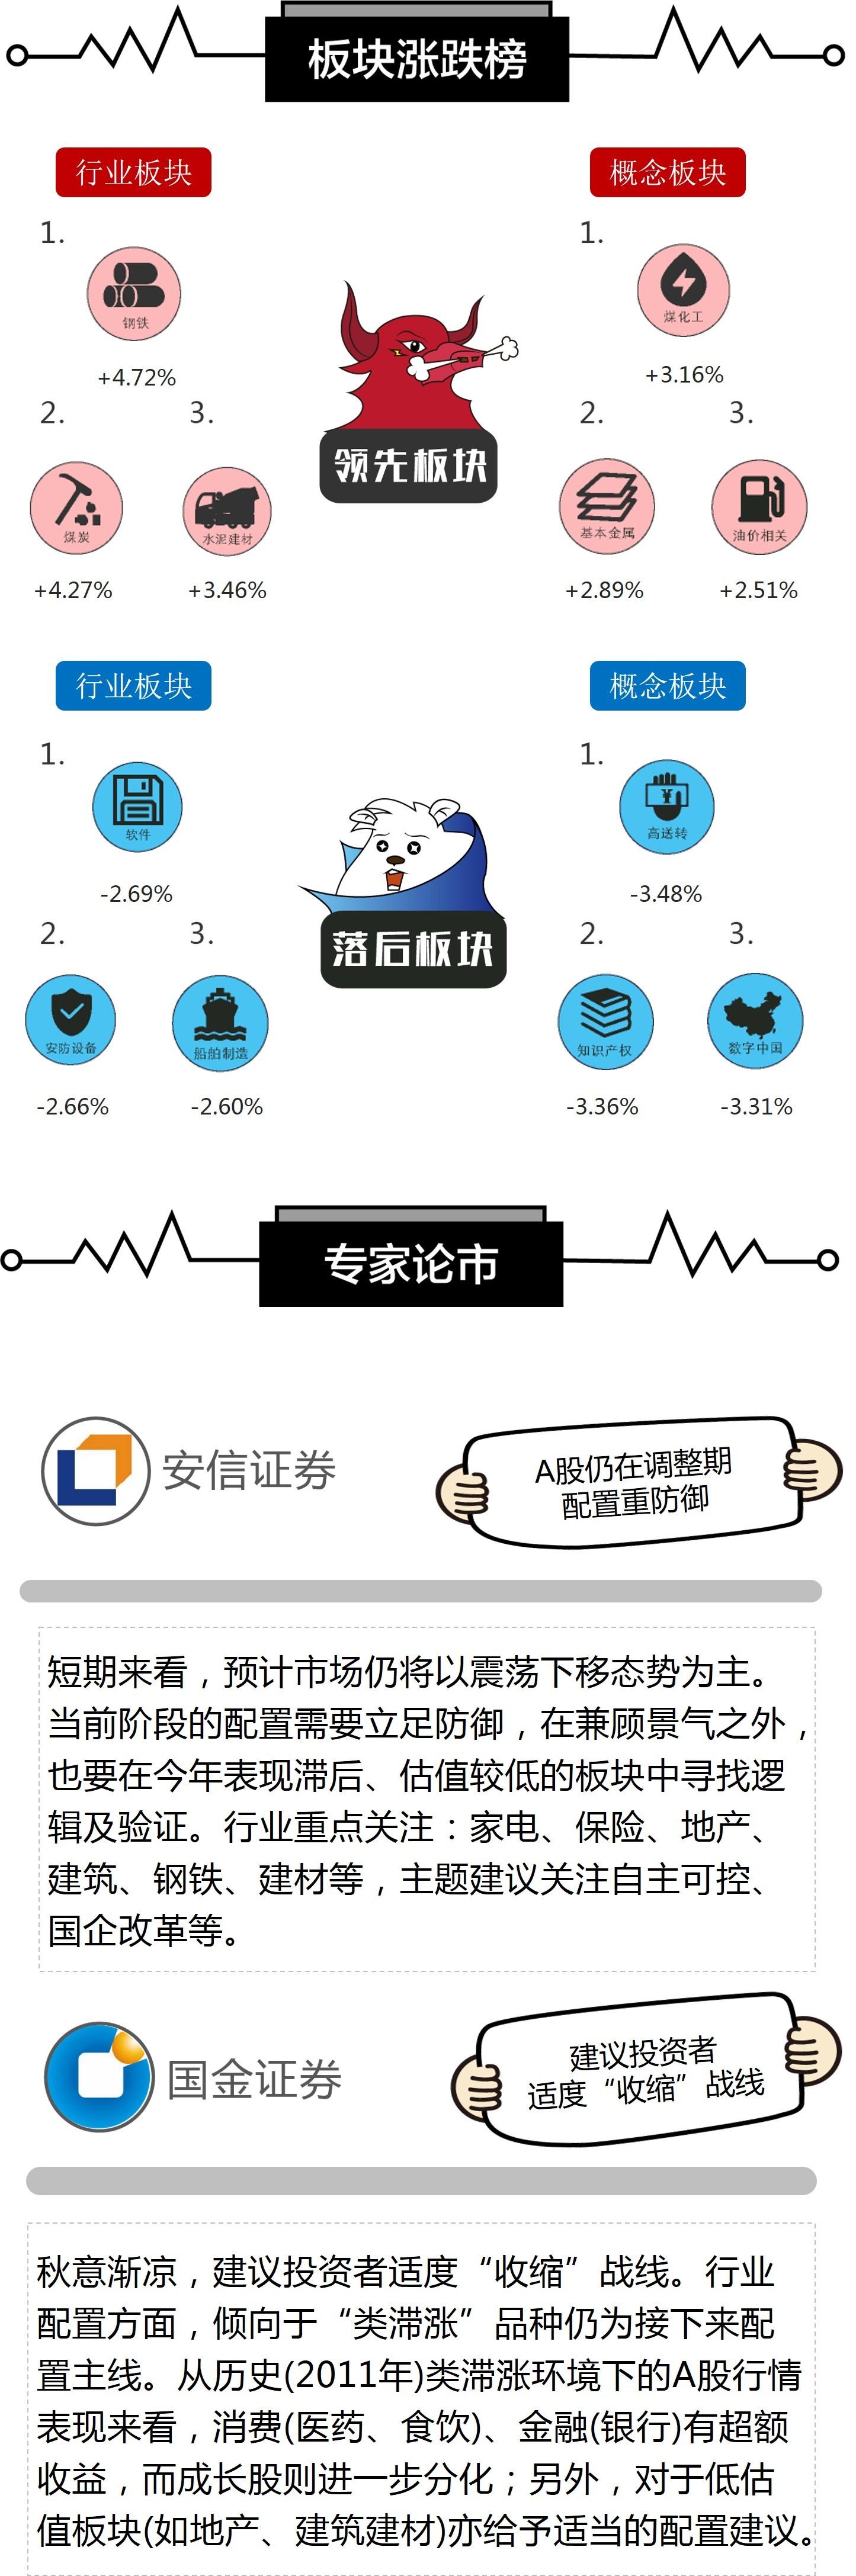 乐天国际优惠码9月·港股通(沪)净流入5.21亿 港股通(深)净流入9.77亿